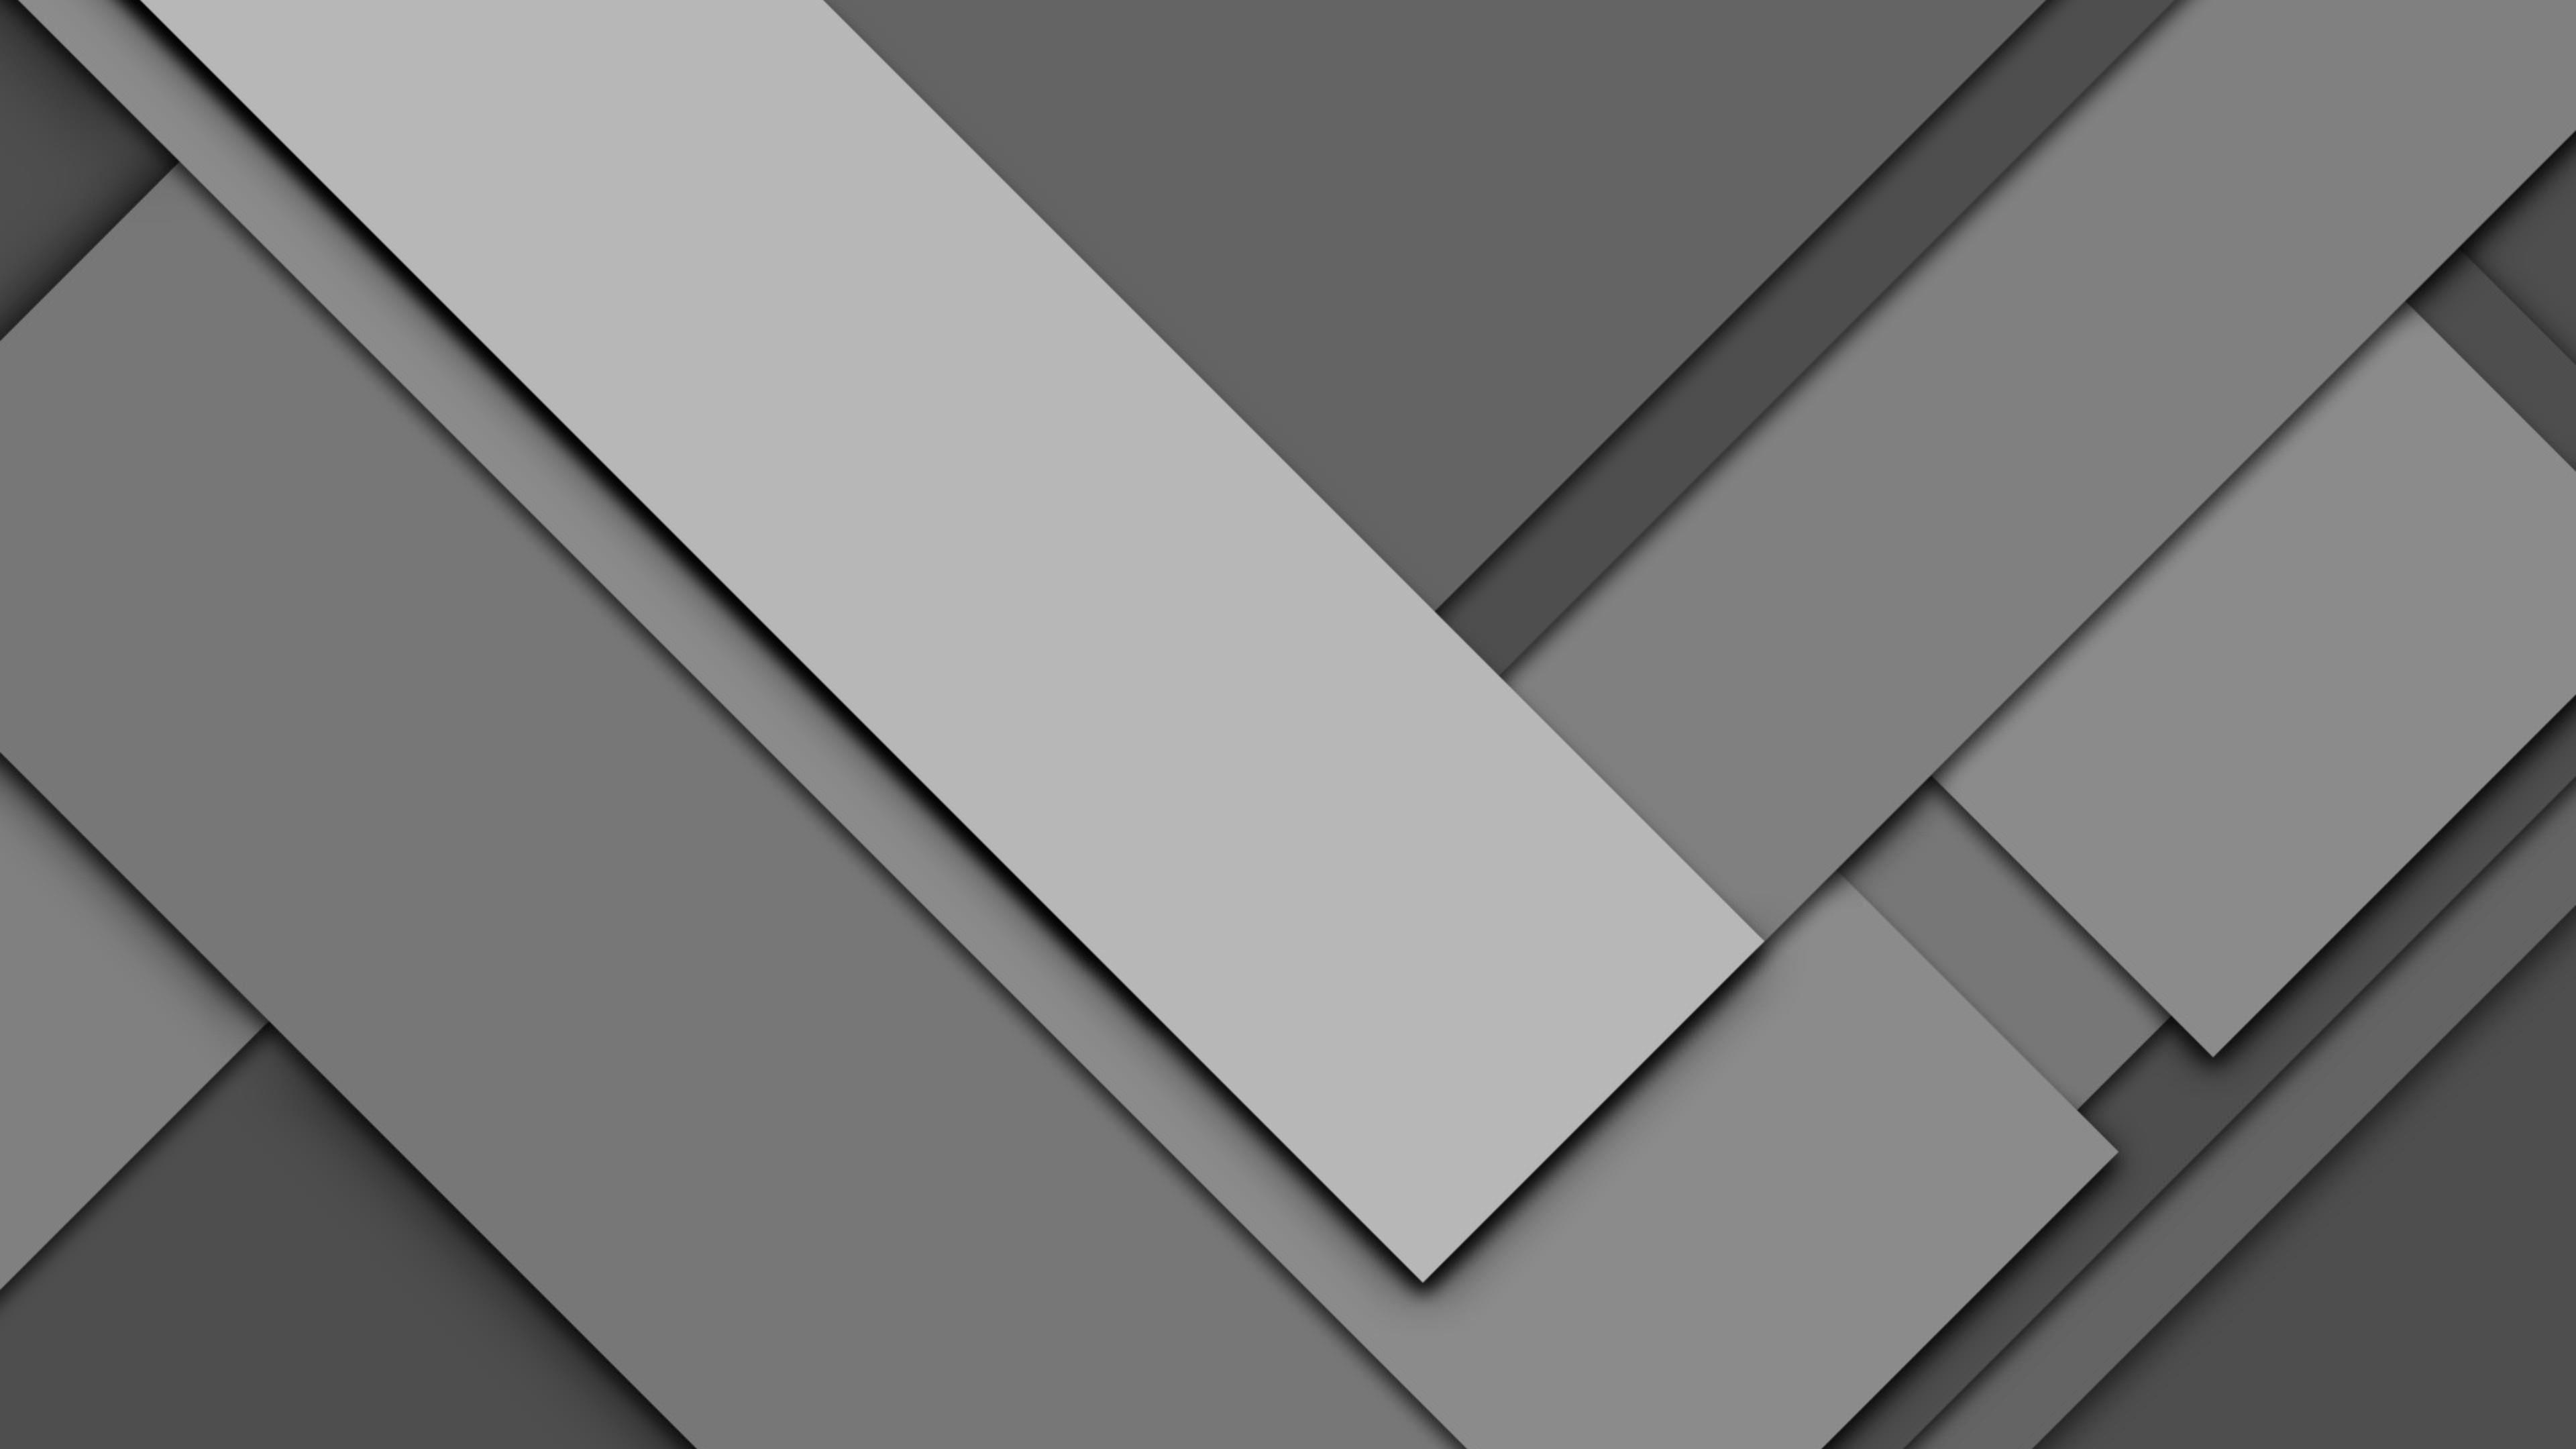 Minimalist Gray Wallpapers - 4k, HD ...